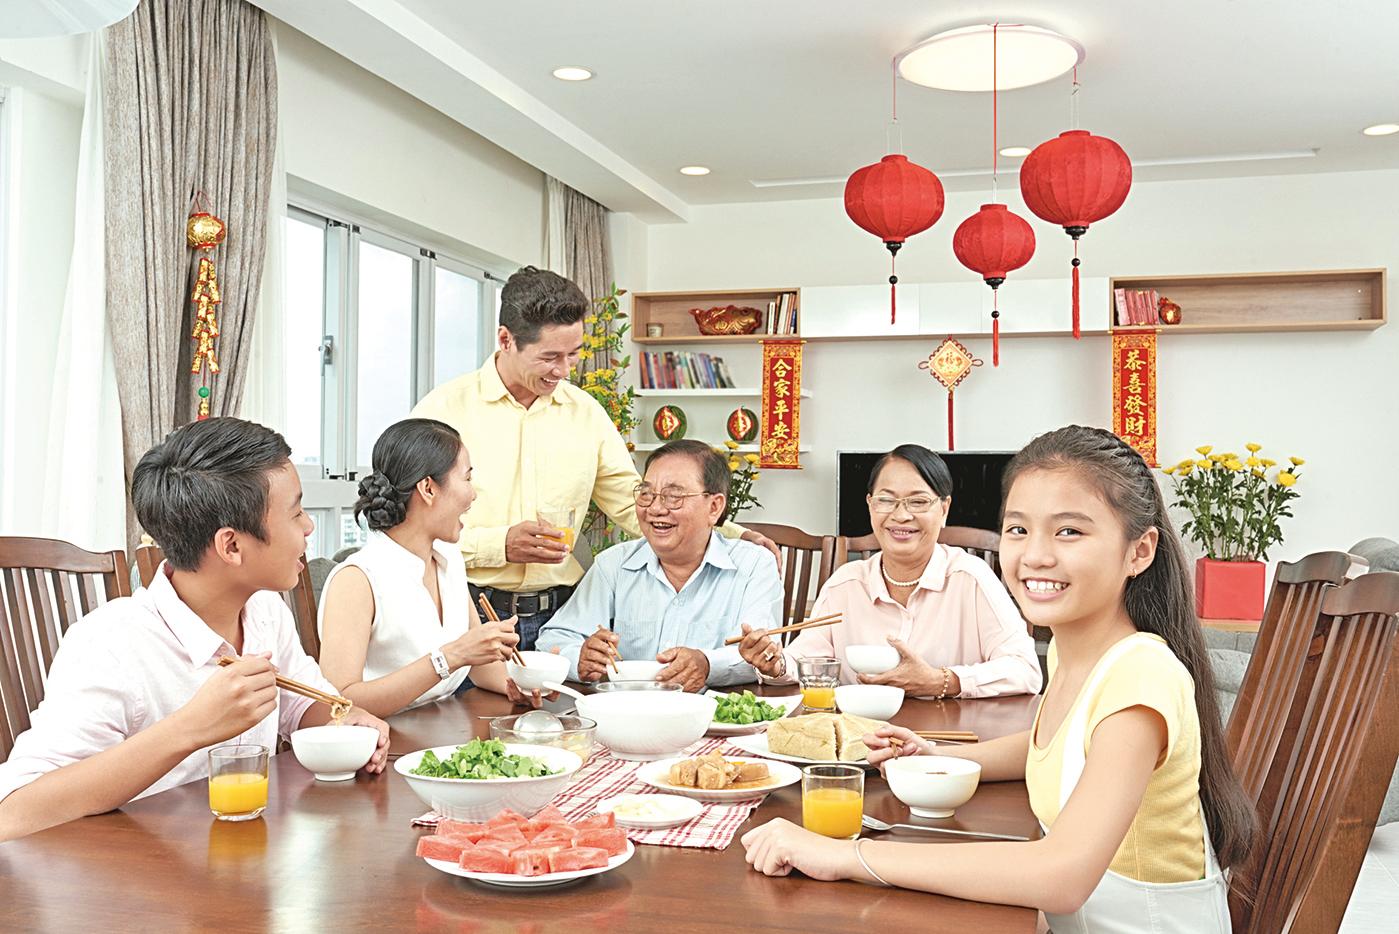 隨著社會與生活習慣的改變,越來越多家庭的年夜飯,選擇在大飯店和餐廳度過。